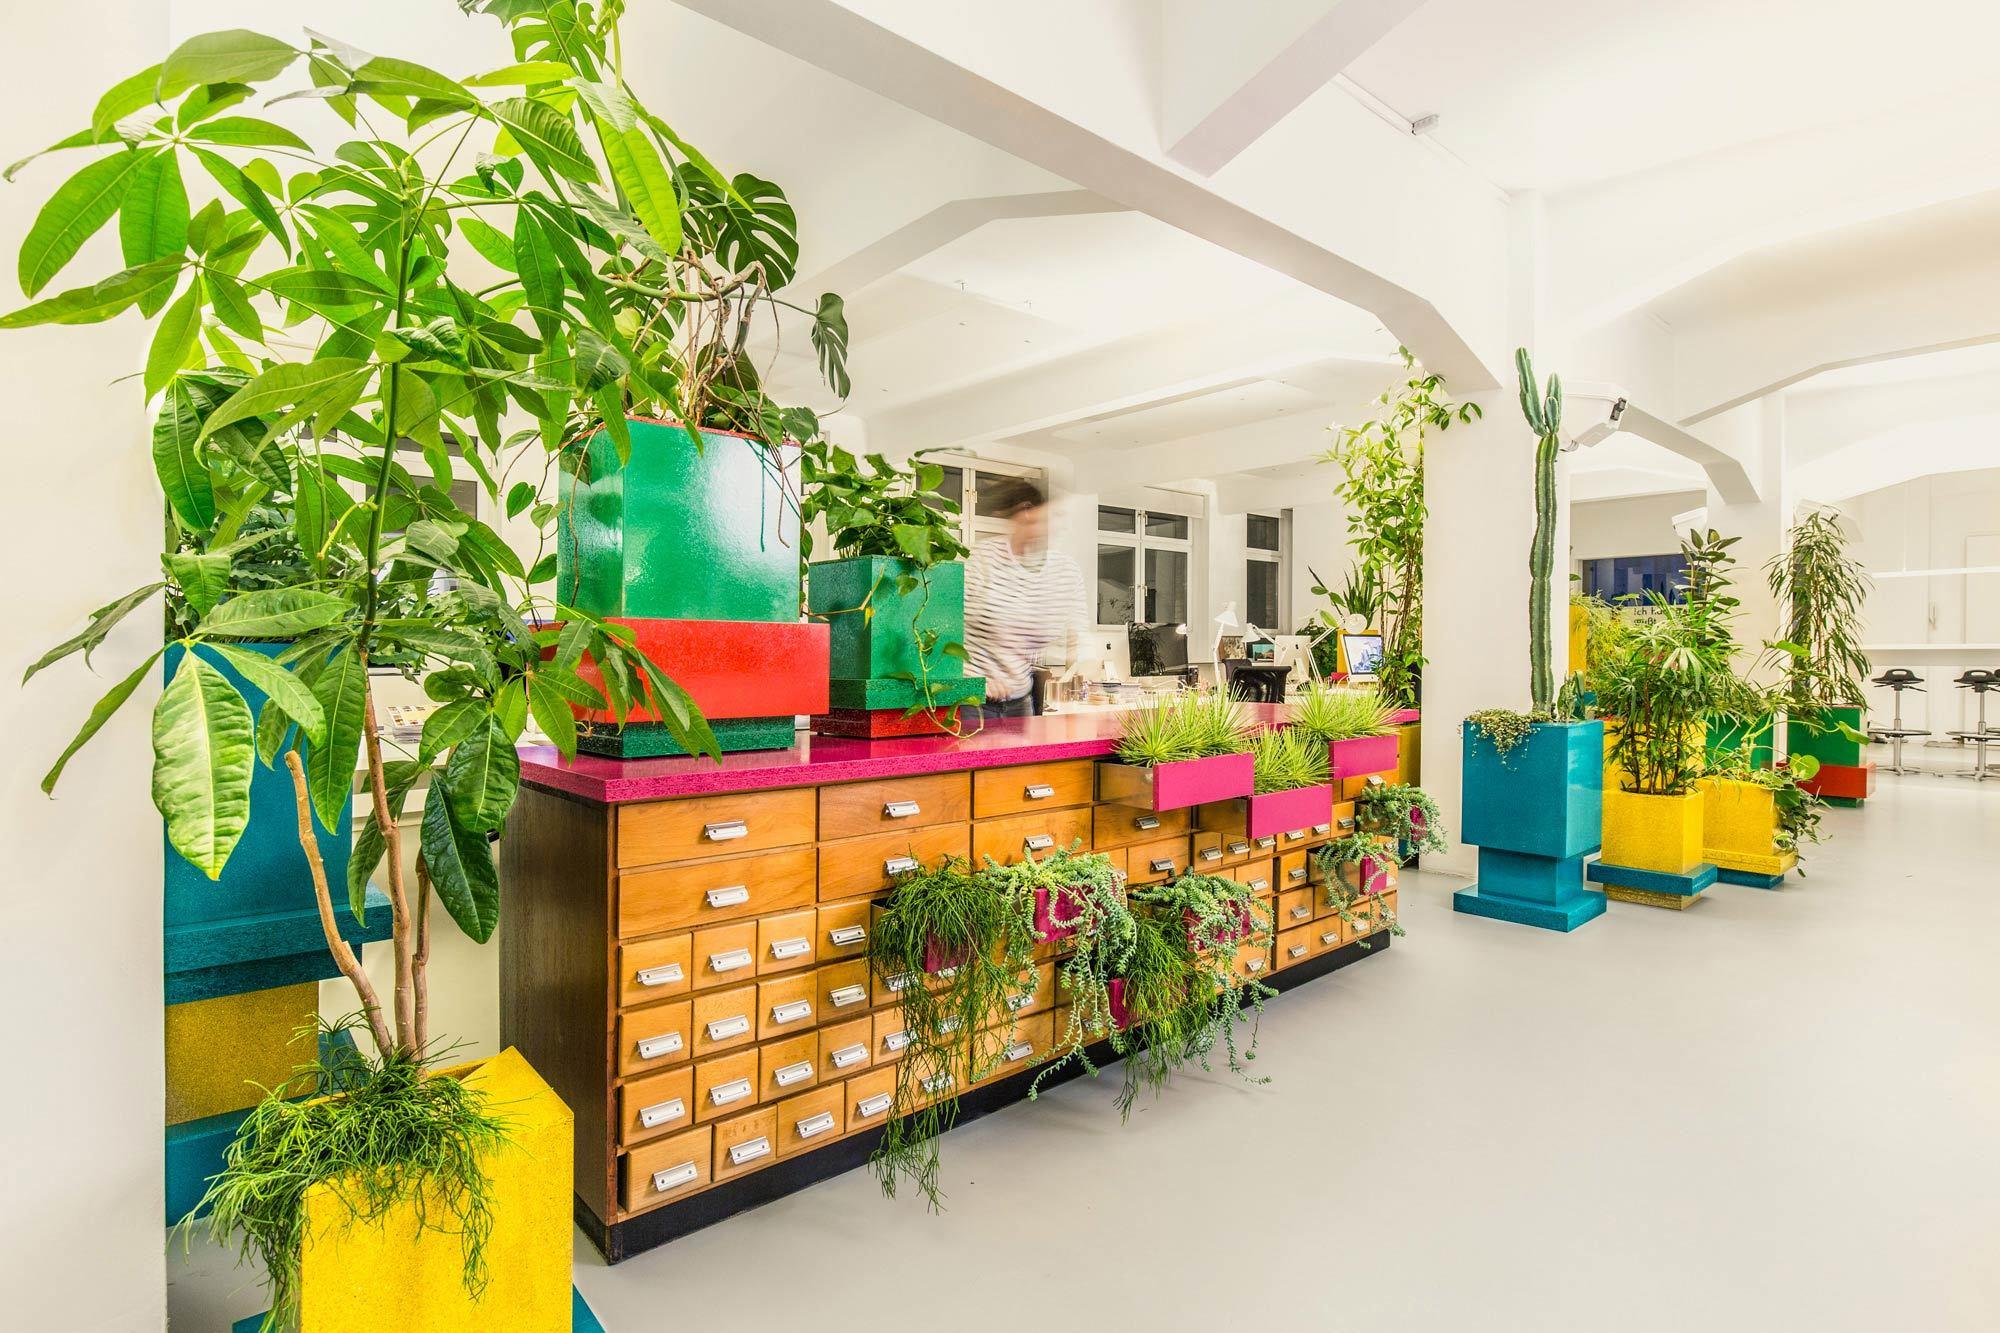 Planta, Designplus, 2015, Foto: Gordon Koelmel